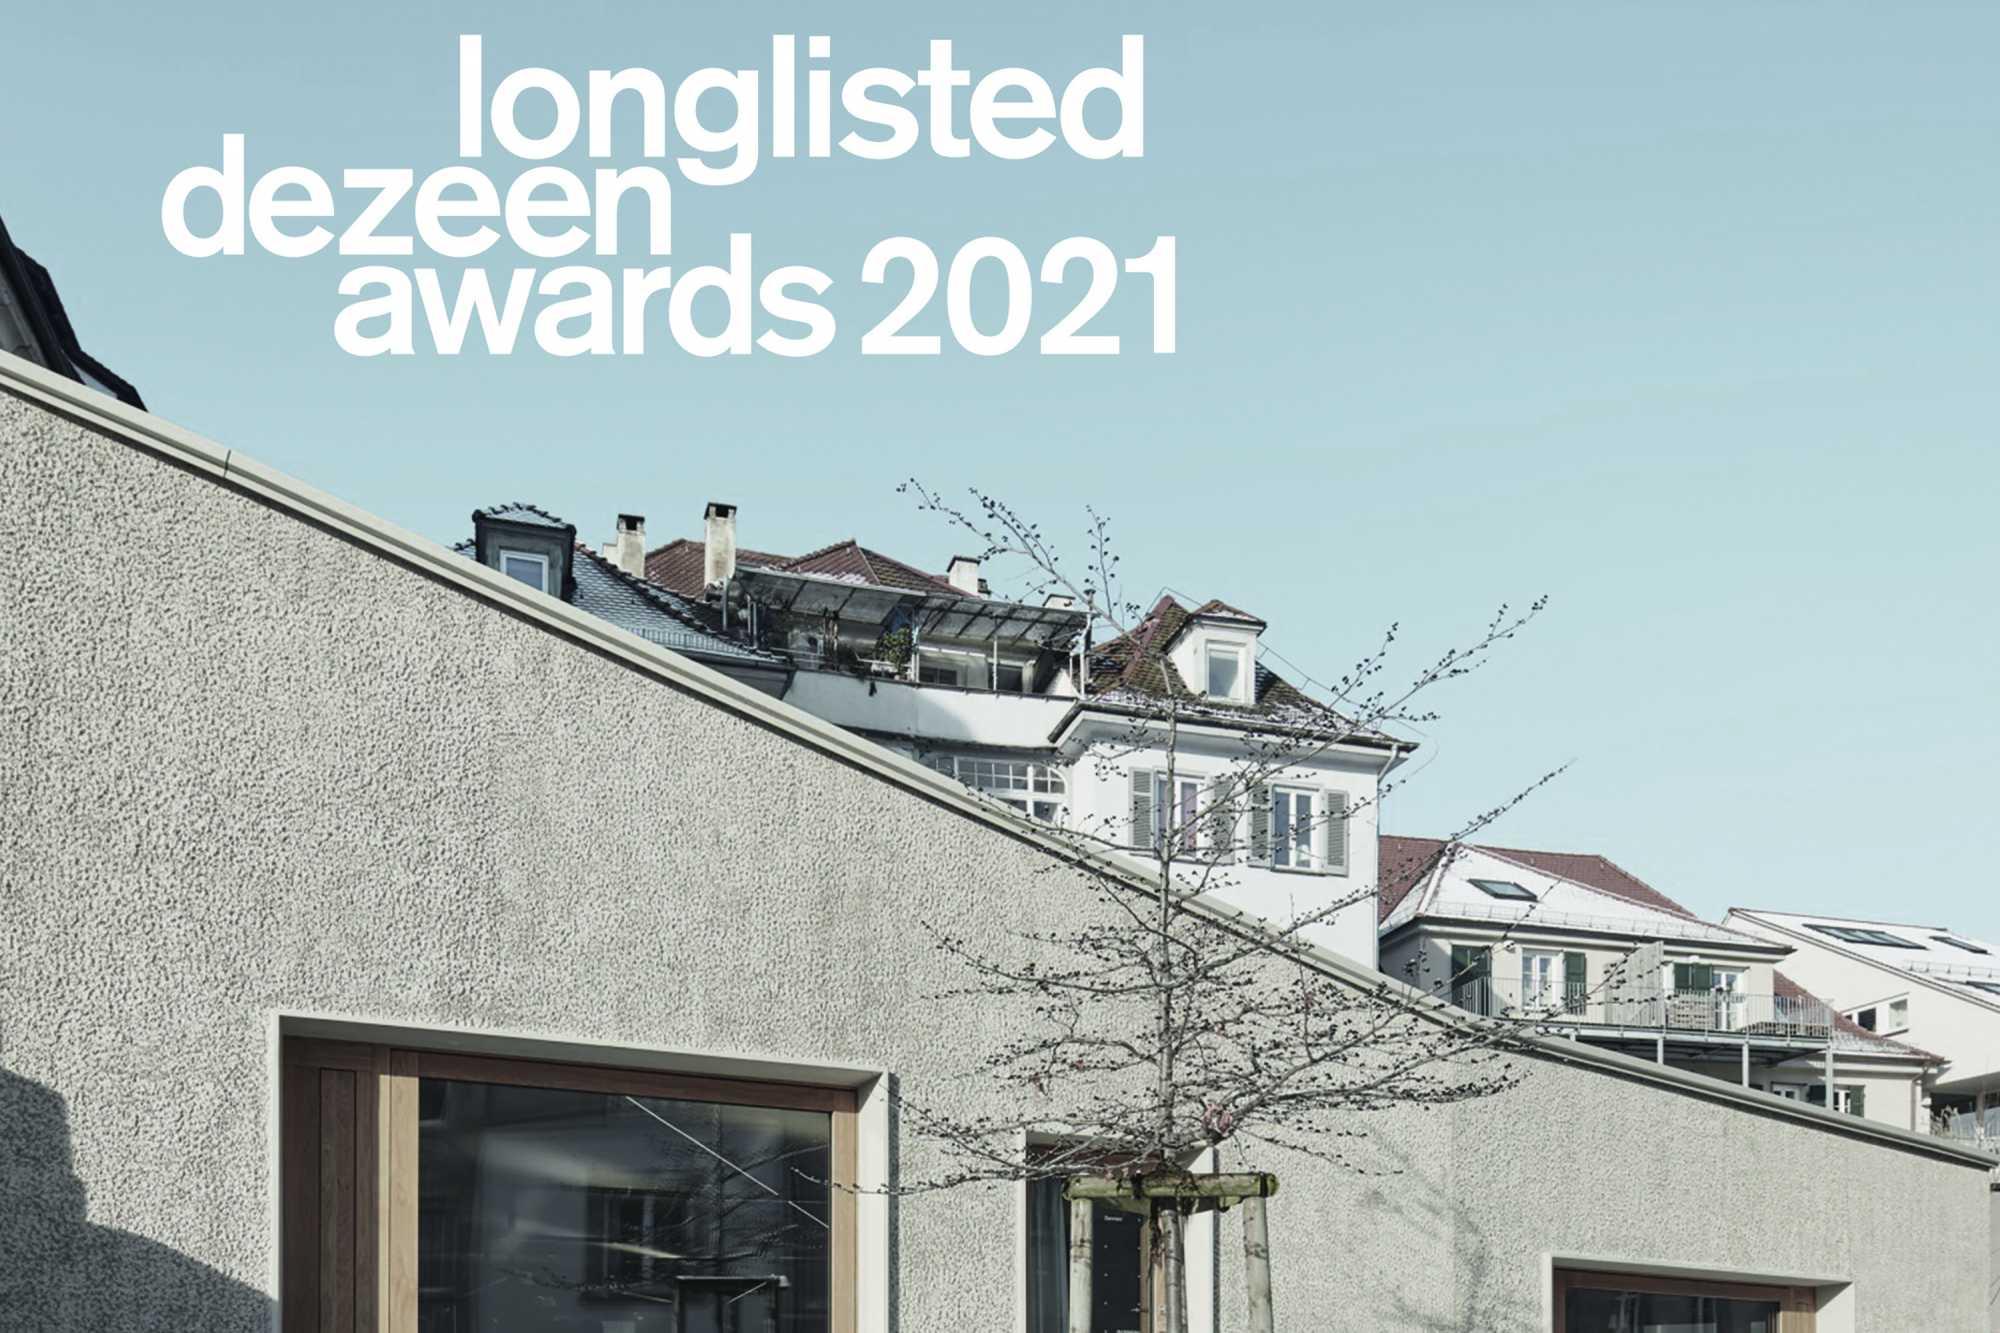 Dezeen Award 2021: Unser Projekt in der Pfleghofstraße hat den Sprung auf die ›longlist‹ geschafft ({project_images:field_row_count})